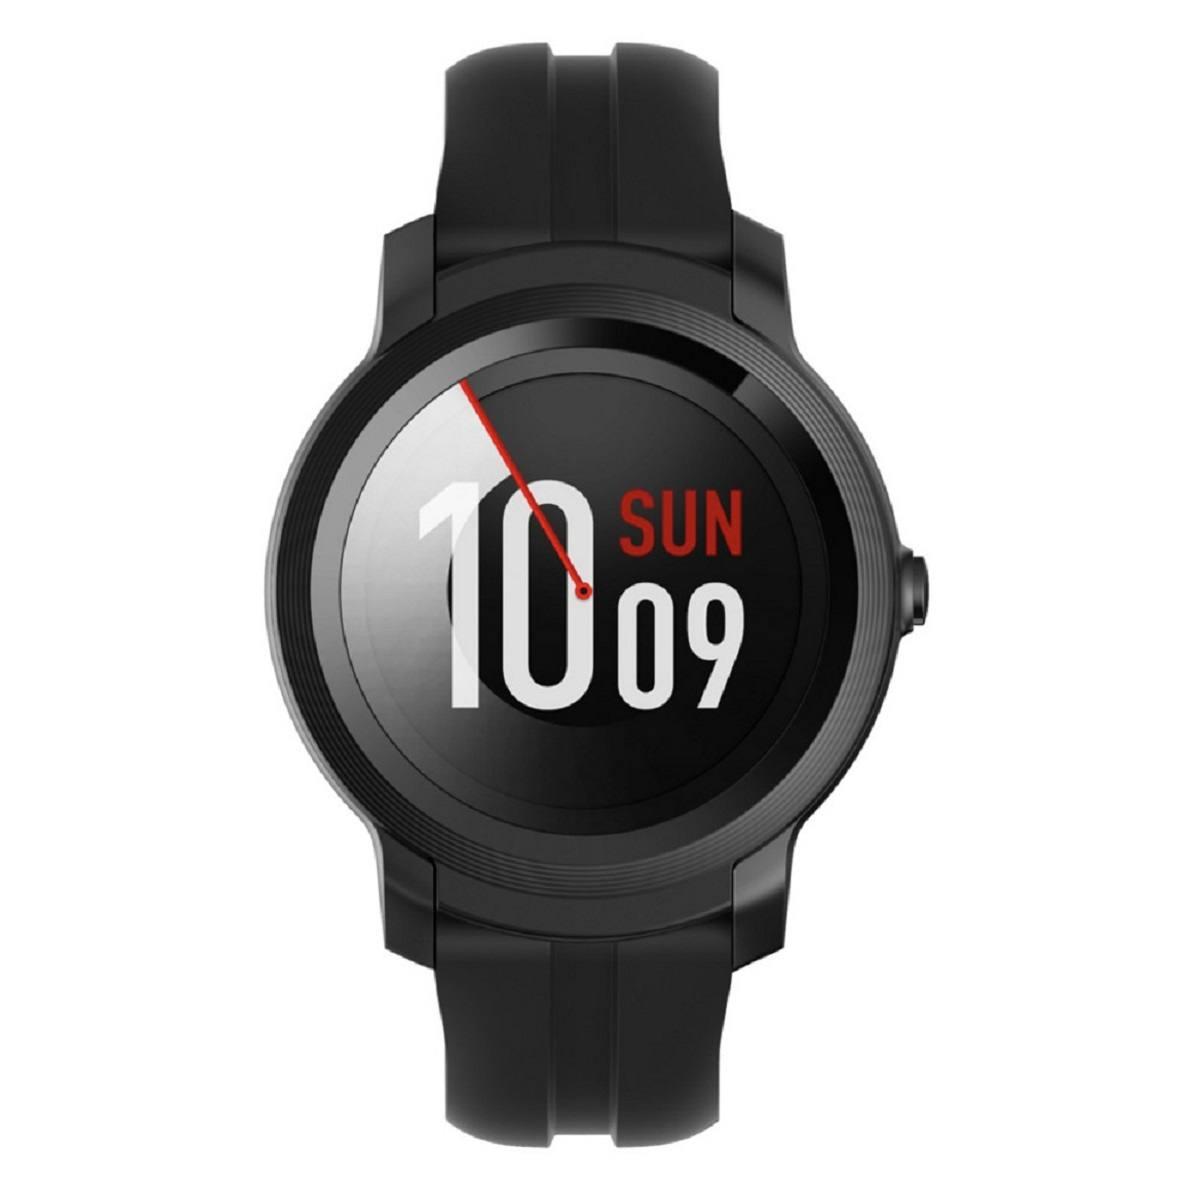 Relógio Smartwatch Mobvoi Ticwatch E2 Pxpx Com GPS integrado Preto